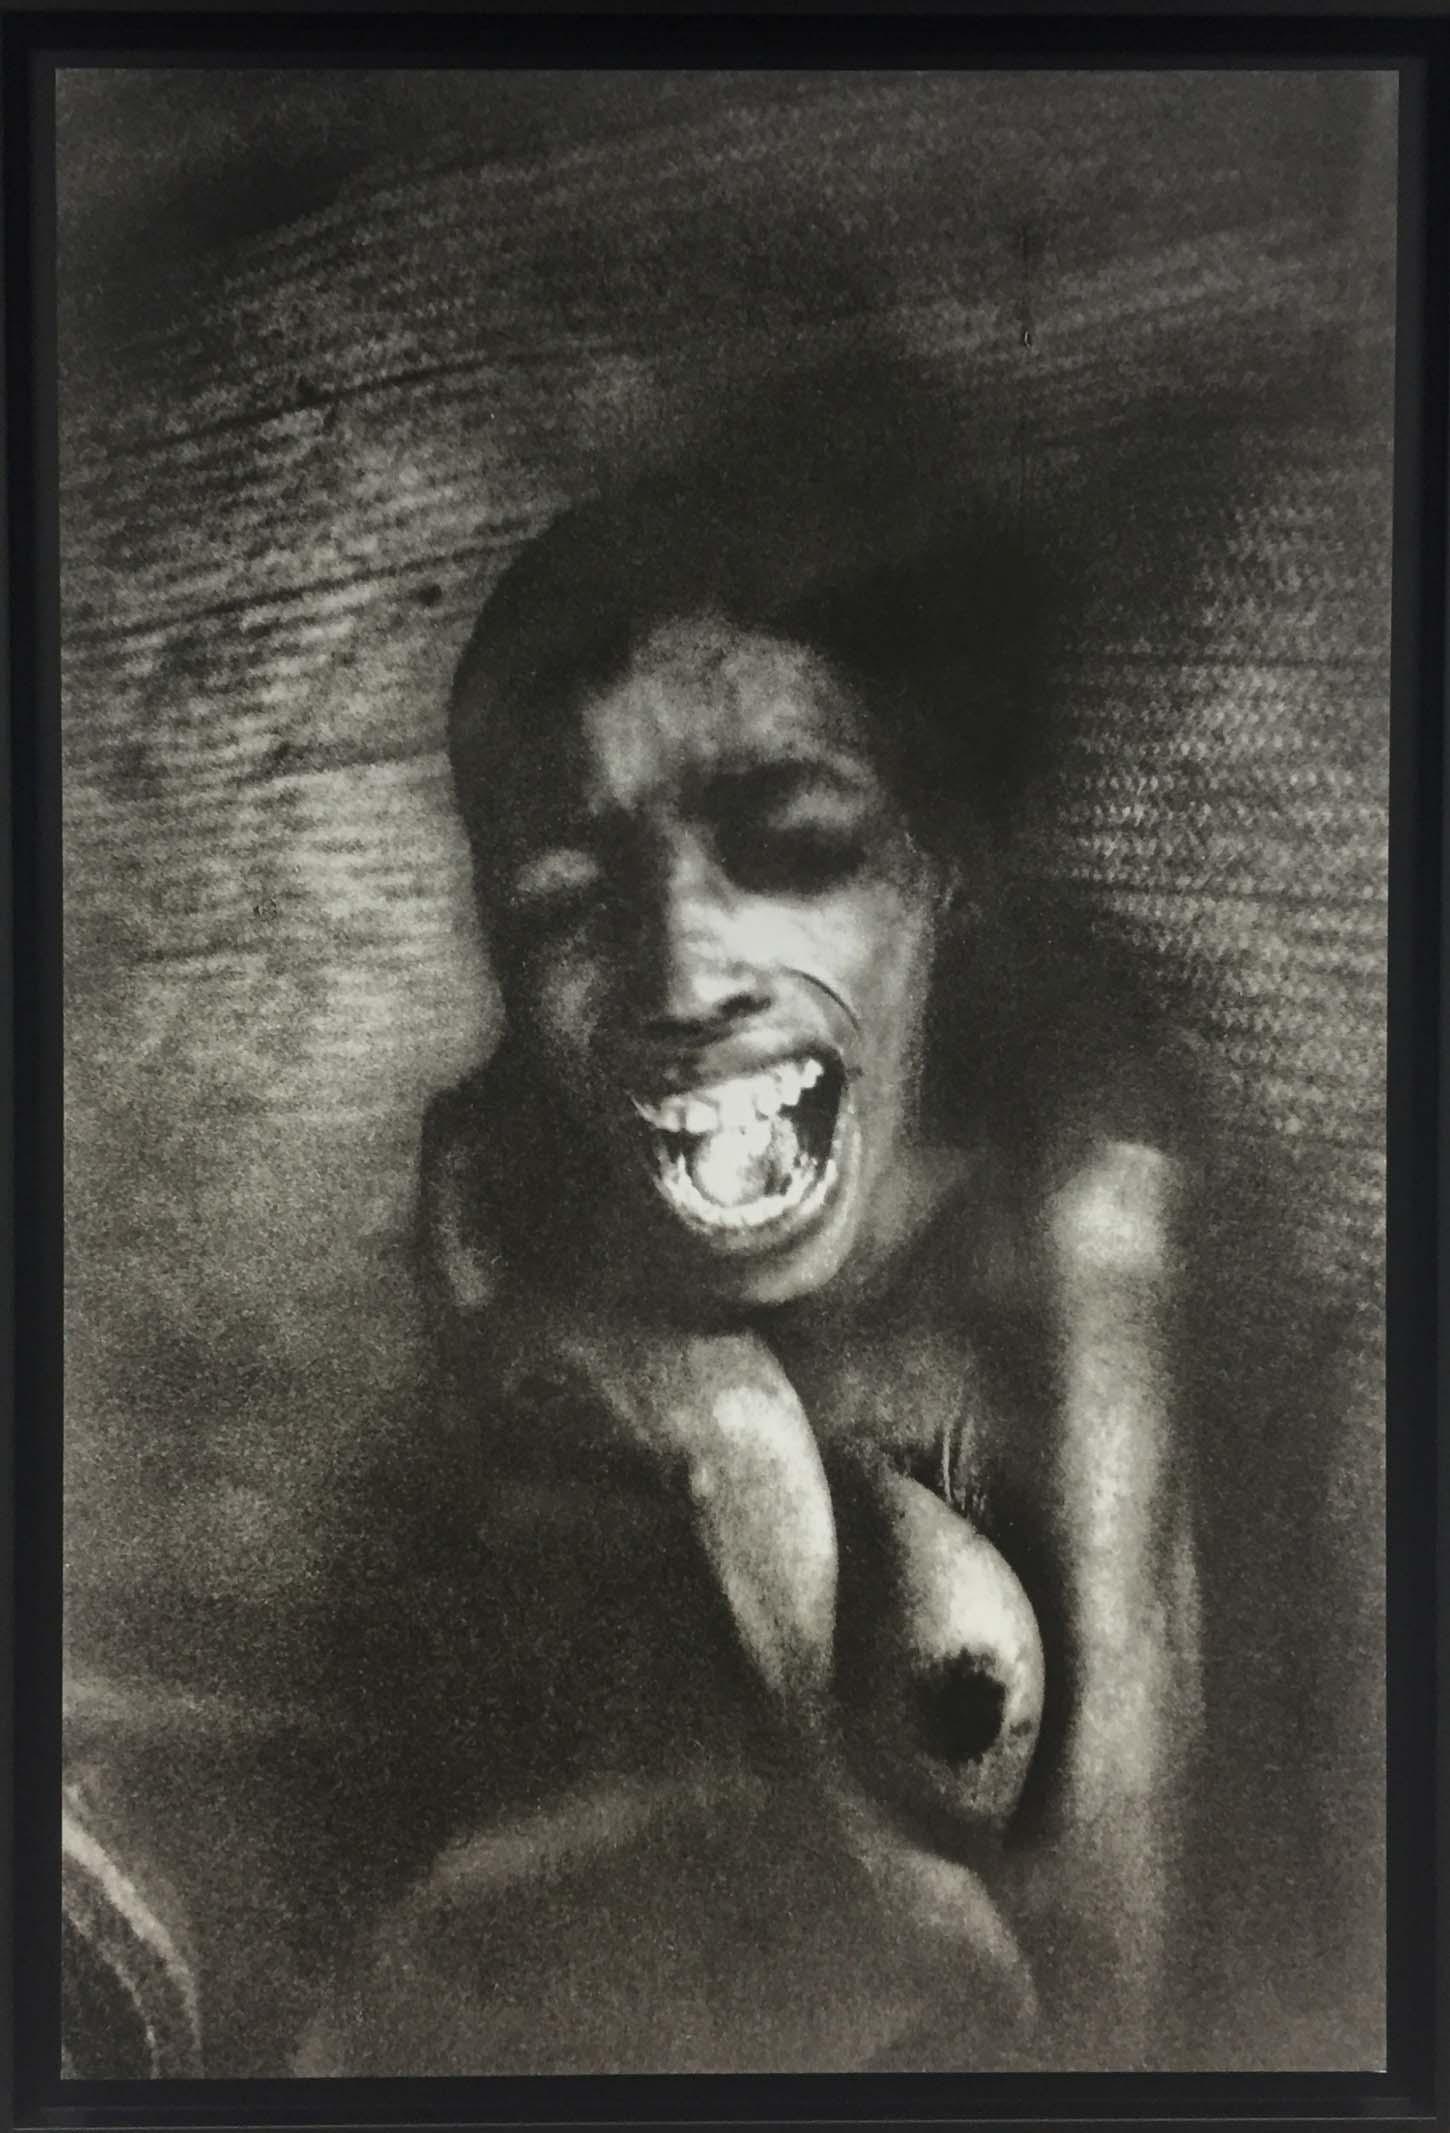 Le Showroom: Louis Jammes, oeuvres historiques, Série OugandaLe cri, 1996Ouganda, 90 x 60 cm, 5ex +2ea